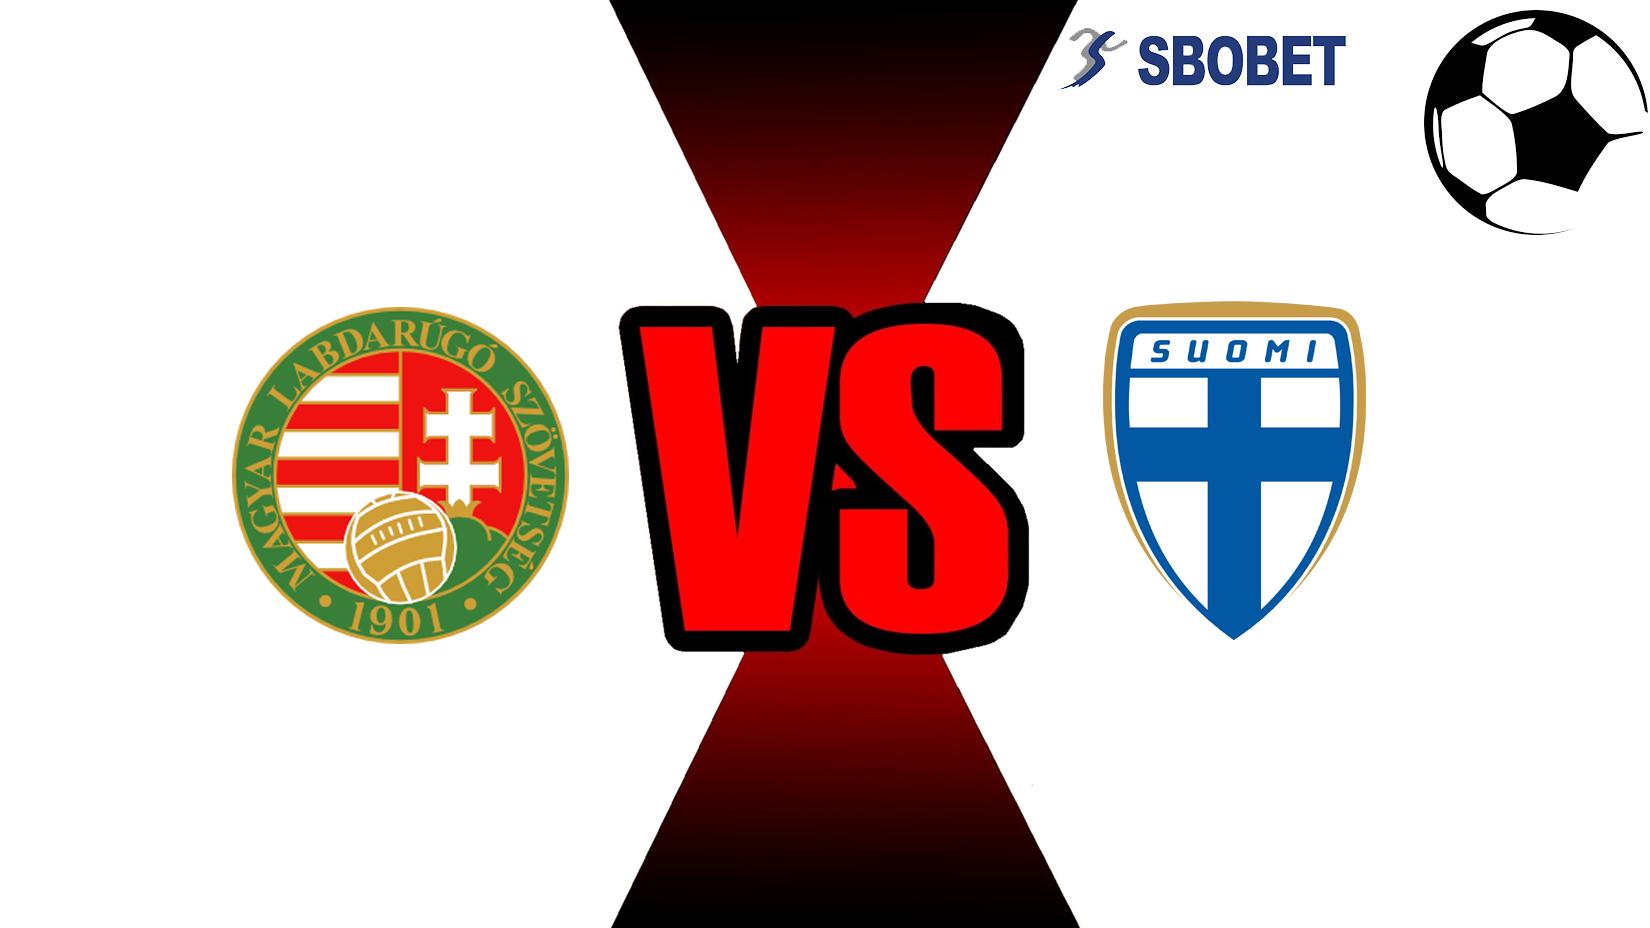 Prediksi Skor Bole Online Hungary vs Finland 19 November 2018